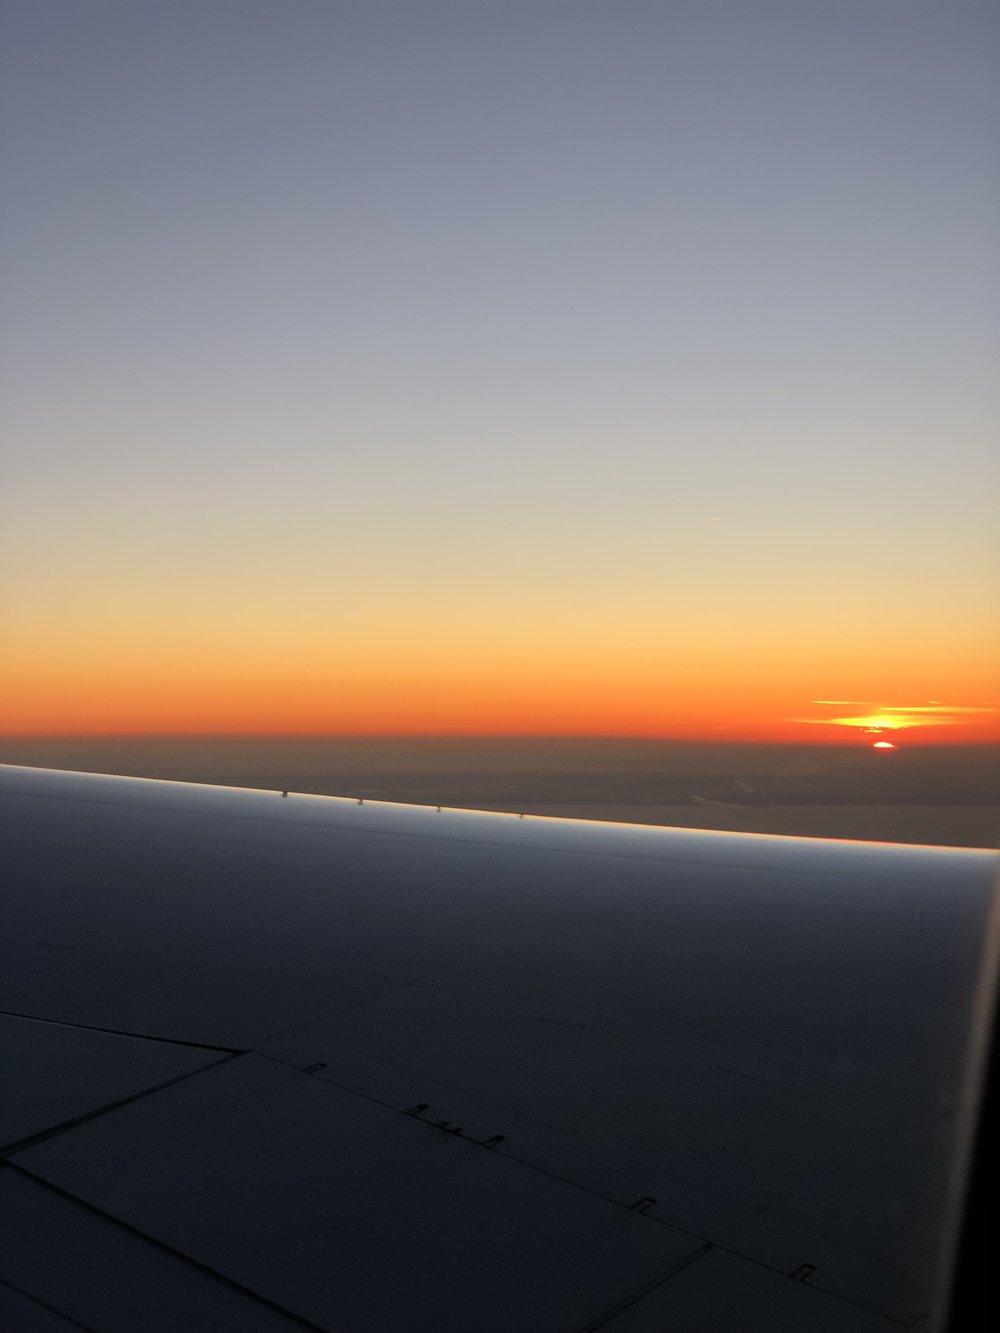 Dawn over Holland - photo by Travis Stewart